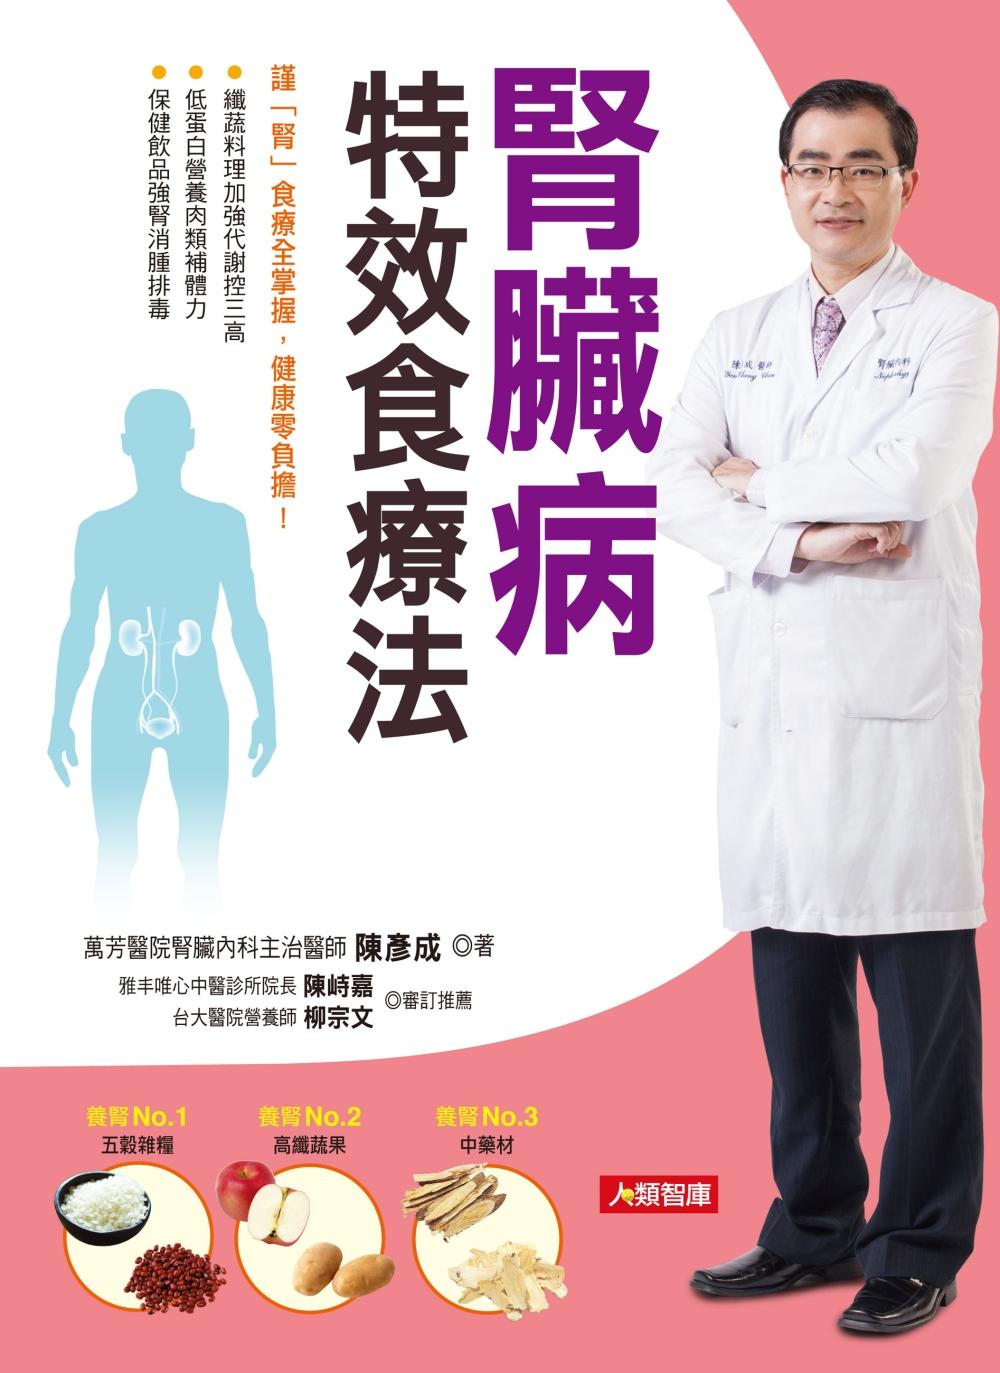 腎臟病特效食療法:謹「腎」食療全掌握,健康零負擔!